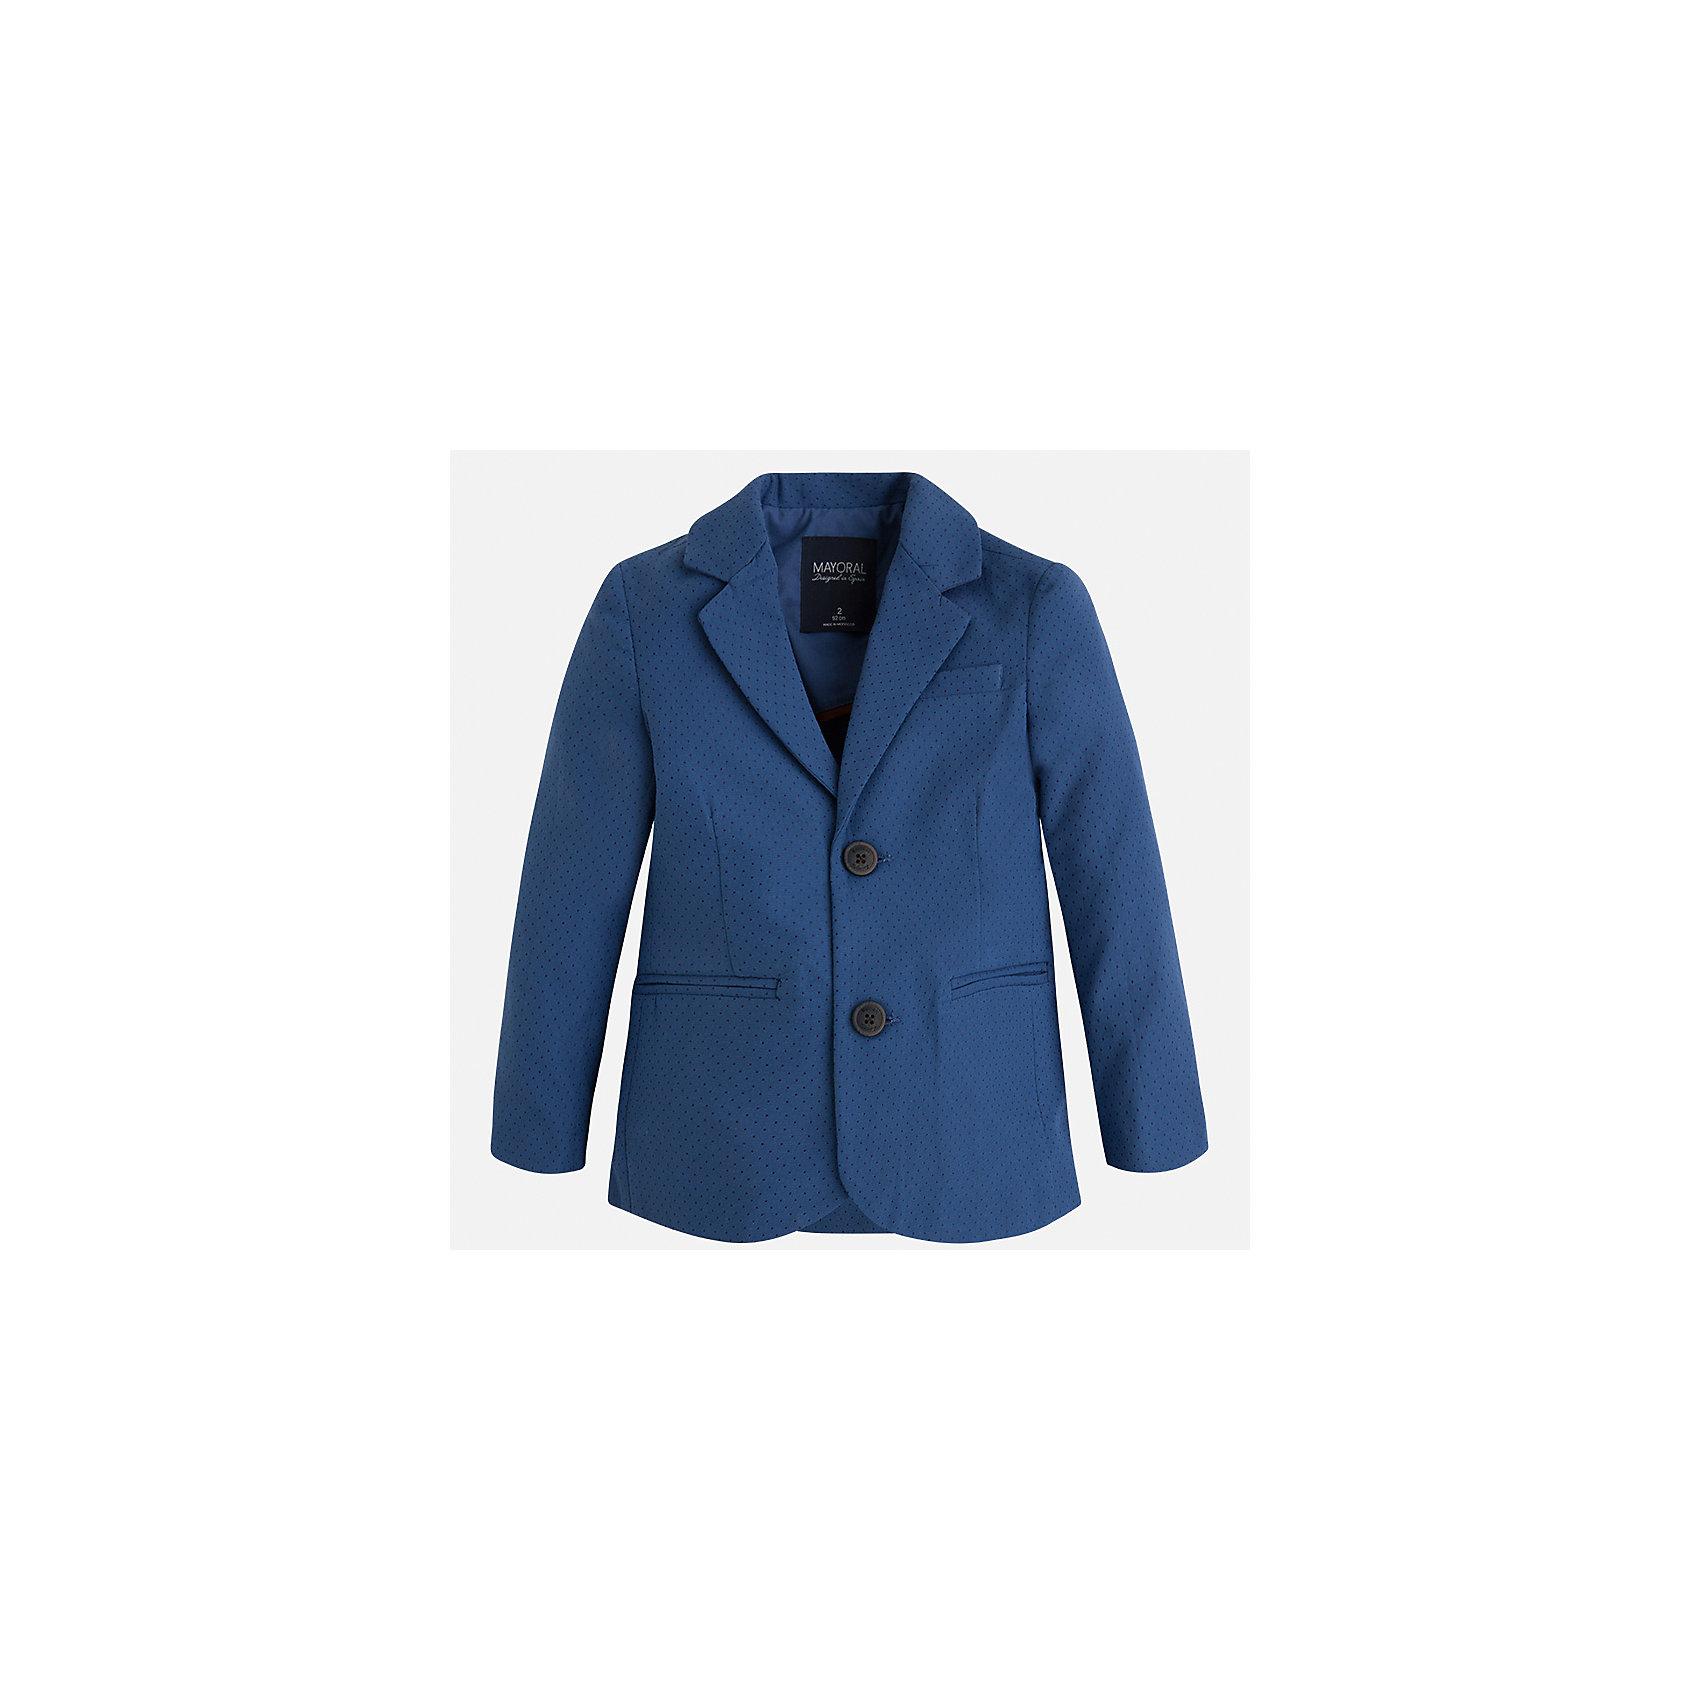 Пиджак для мальчика MayoralКостюмы и пиджаки<br>Характеристики товара:<br><br>• цвет: синий<br>• состав: 87% хлопок, 10% полиэстер, 3% эластан<br>• мелкий горох<br>• рукава длинные <br>• карманы<br>• пуговицы <br>• отложной воротник<br>• страна бренда: Испания<br><br>Удобный и красивый пиджак для мальчика поможет разнообразить гардероб ребенка и дополнить наряд. Он отлично сочетается с брюками классического кроя. Универсальный цвет позволяет подобрать к вещи низ различных расцветок. Модное и элегантное изделие. В составе материала - натуральный хлопок, гипоаллергенный, приятный на ощупь, дышащий.<br><br>Одежда, обувь и аксессуары от испанского бренда Mayoral полюбились детям и взрослым по всему миру. Модели этой марки - стильные и удобные. Для их производства используются только безопасные, качественные материалы и фурнитура. Порадуйте ребенка модными и красивыми вещами от Mayoral! <br><br>Пиджак для мальчика от испанского бренда Mayoral (Майорал) можно купить в нашем интернет-магазине.<br><br>Ширина мм: 174<br>Глубина мм: 10<br>Высота мм: 169<br>Вес г: 157<br>Цвет: синий<br>Возраст от месяцев: 18<br>Возраст до месяцев: 24<br>Пол: Мужской<br>Возраст: Детский<br>Размер: 92,122,134,128,116,110,104,98<br>SKU: 5280495